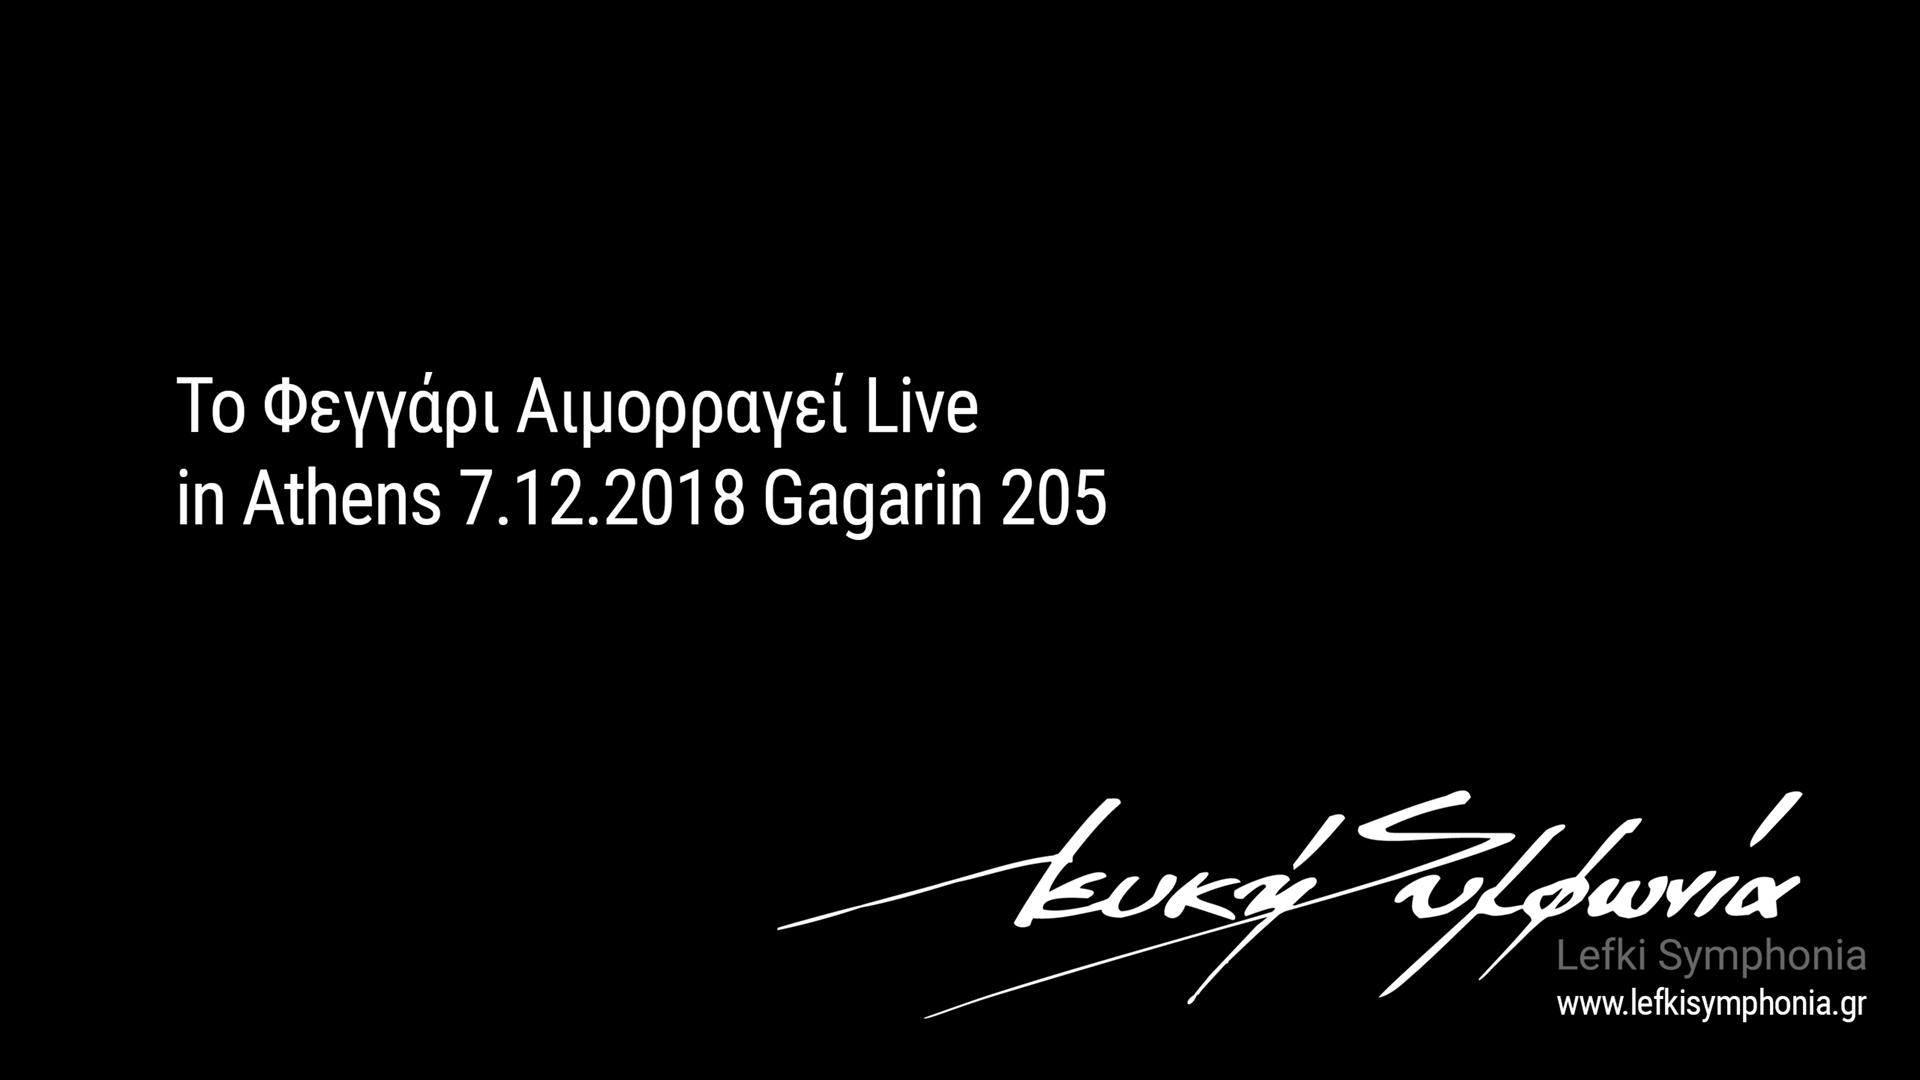 Λευκή Συμφωνία- Το Φεγγάρι Αιμορραγεί Live In Athens Gagarin 205 - 7.12.2018 (Official Video)